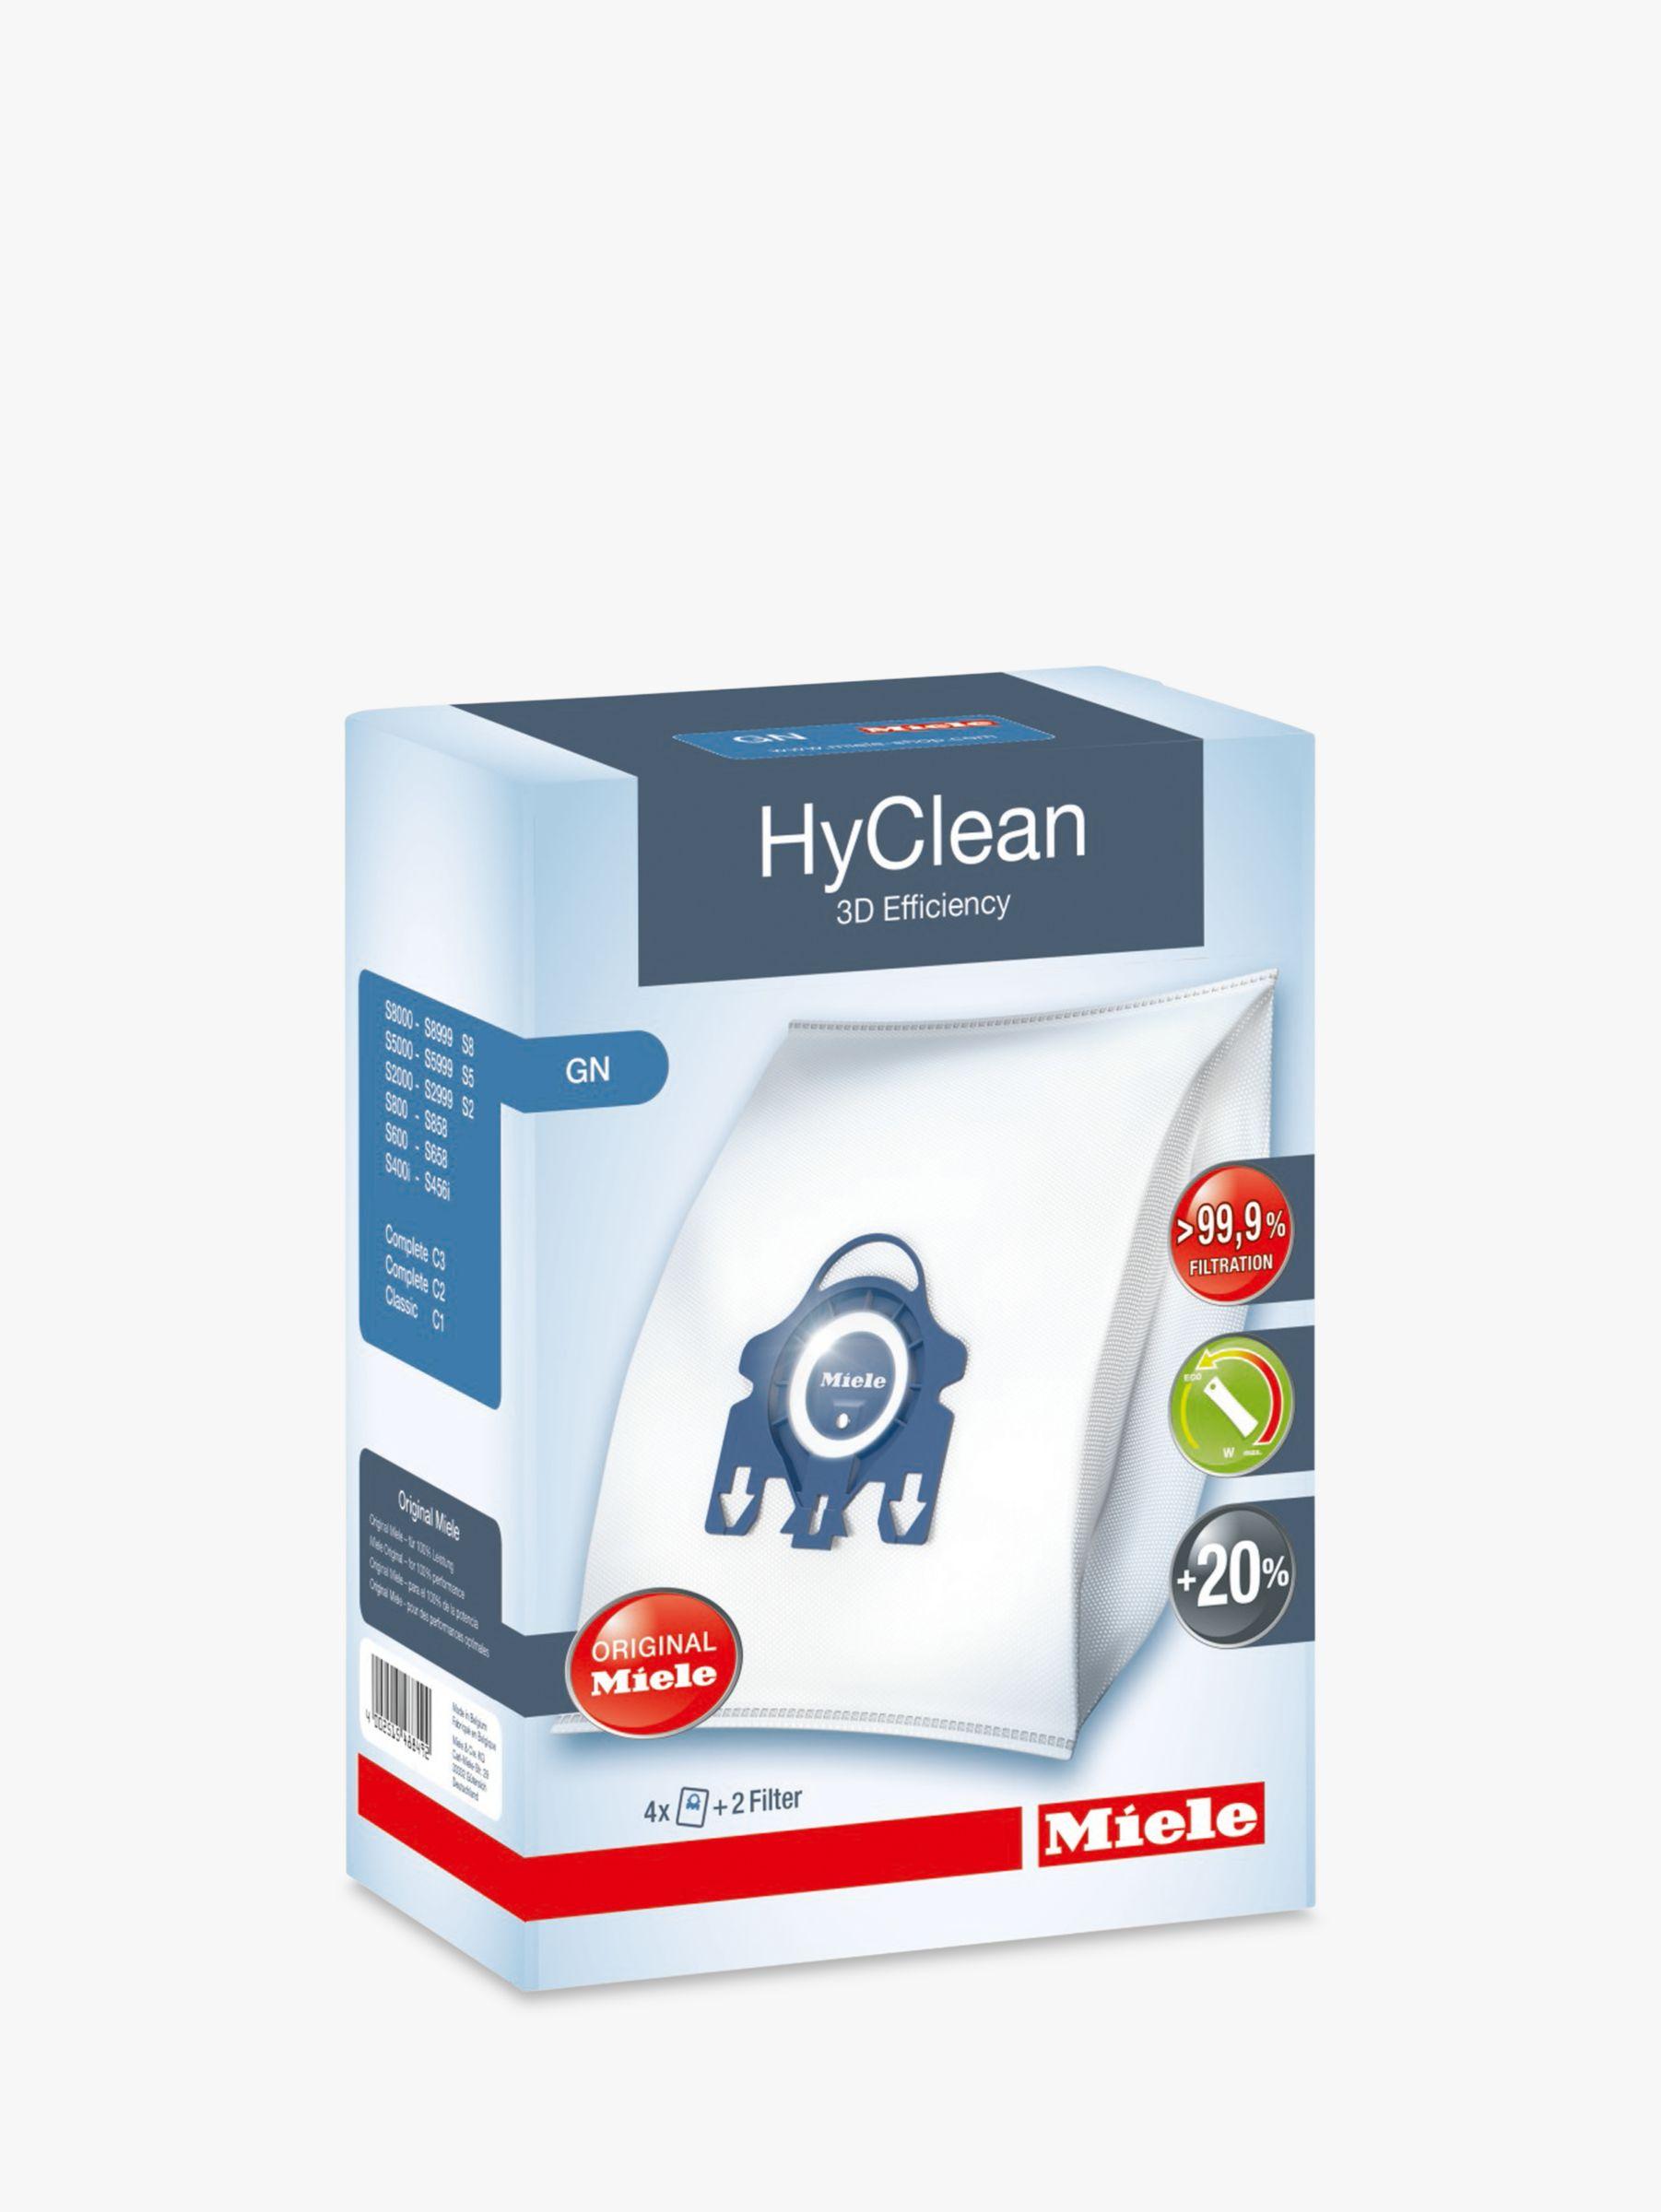 Miele HyClean GN 3D Efficiency Vacuum Cleaner Bag